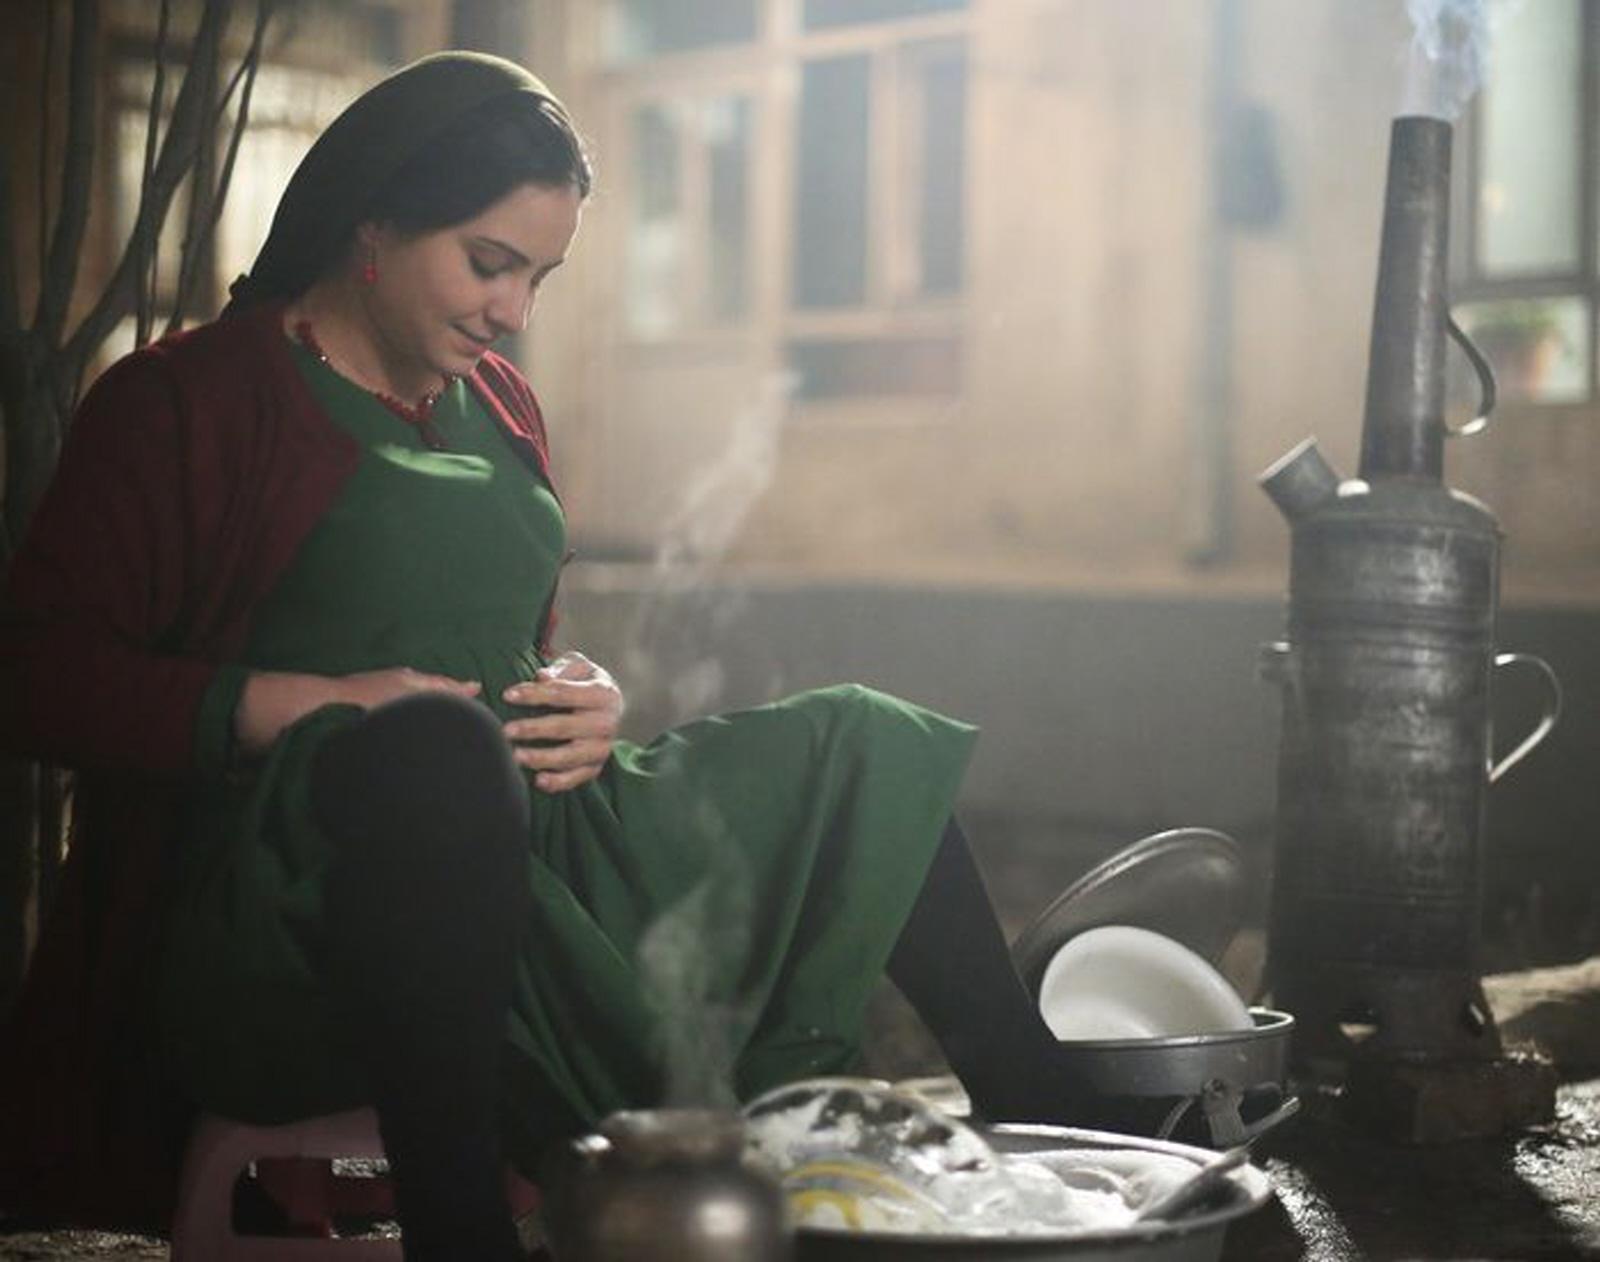 """Scène du film """"Hava, Maryam, Ayesha"""" de la réalisatrice afghane Sahraa Karimi, présenté au festival international des Cinémas d'Asie à Vesoul. (Source : Est Républicain)"""